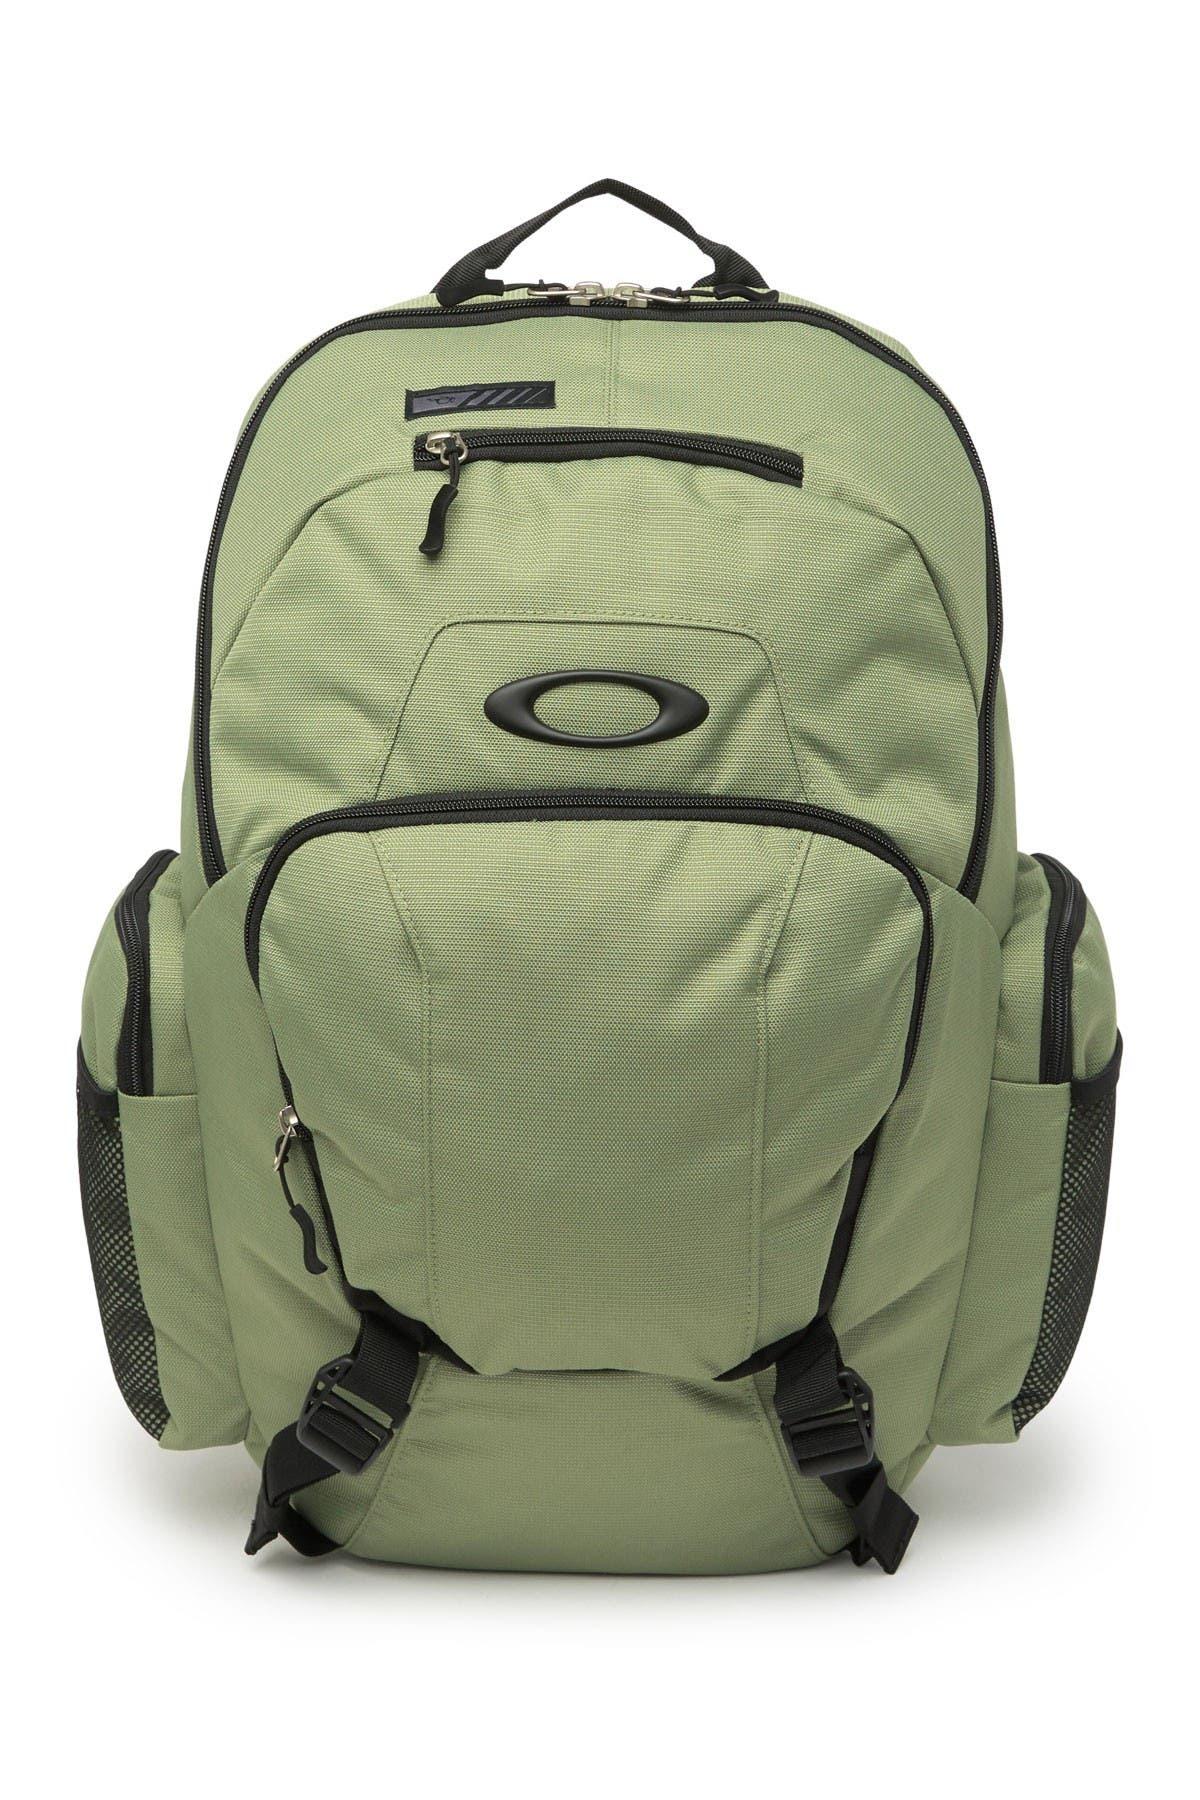 Image of Oakley Blade 30 Backpack